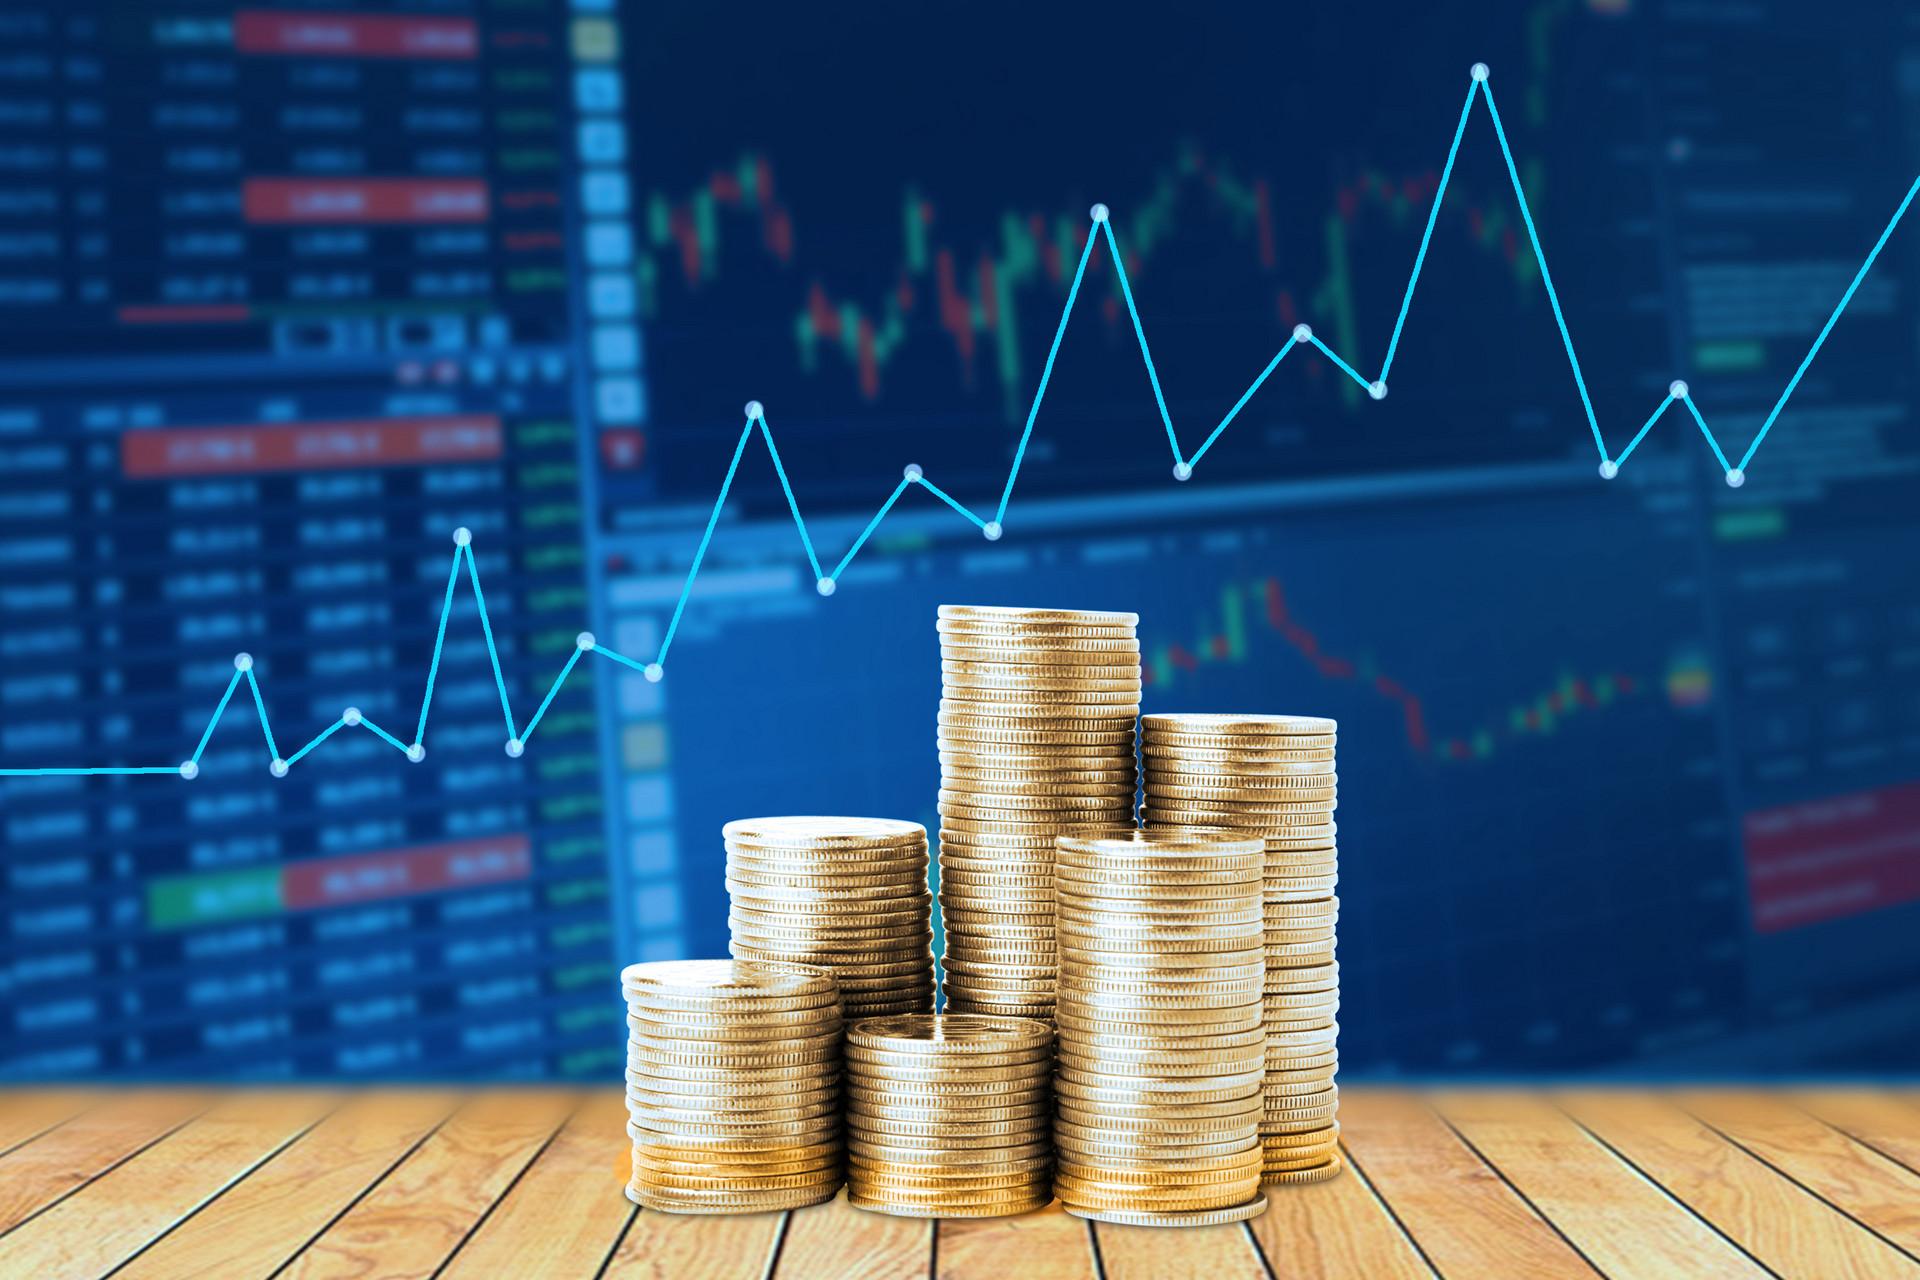 韩国央行维持基准利率不变 未来将扩大公开市场操作合格抵押品范围